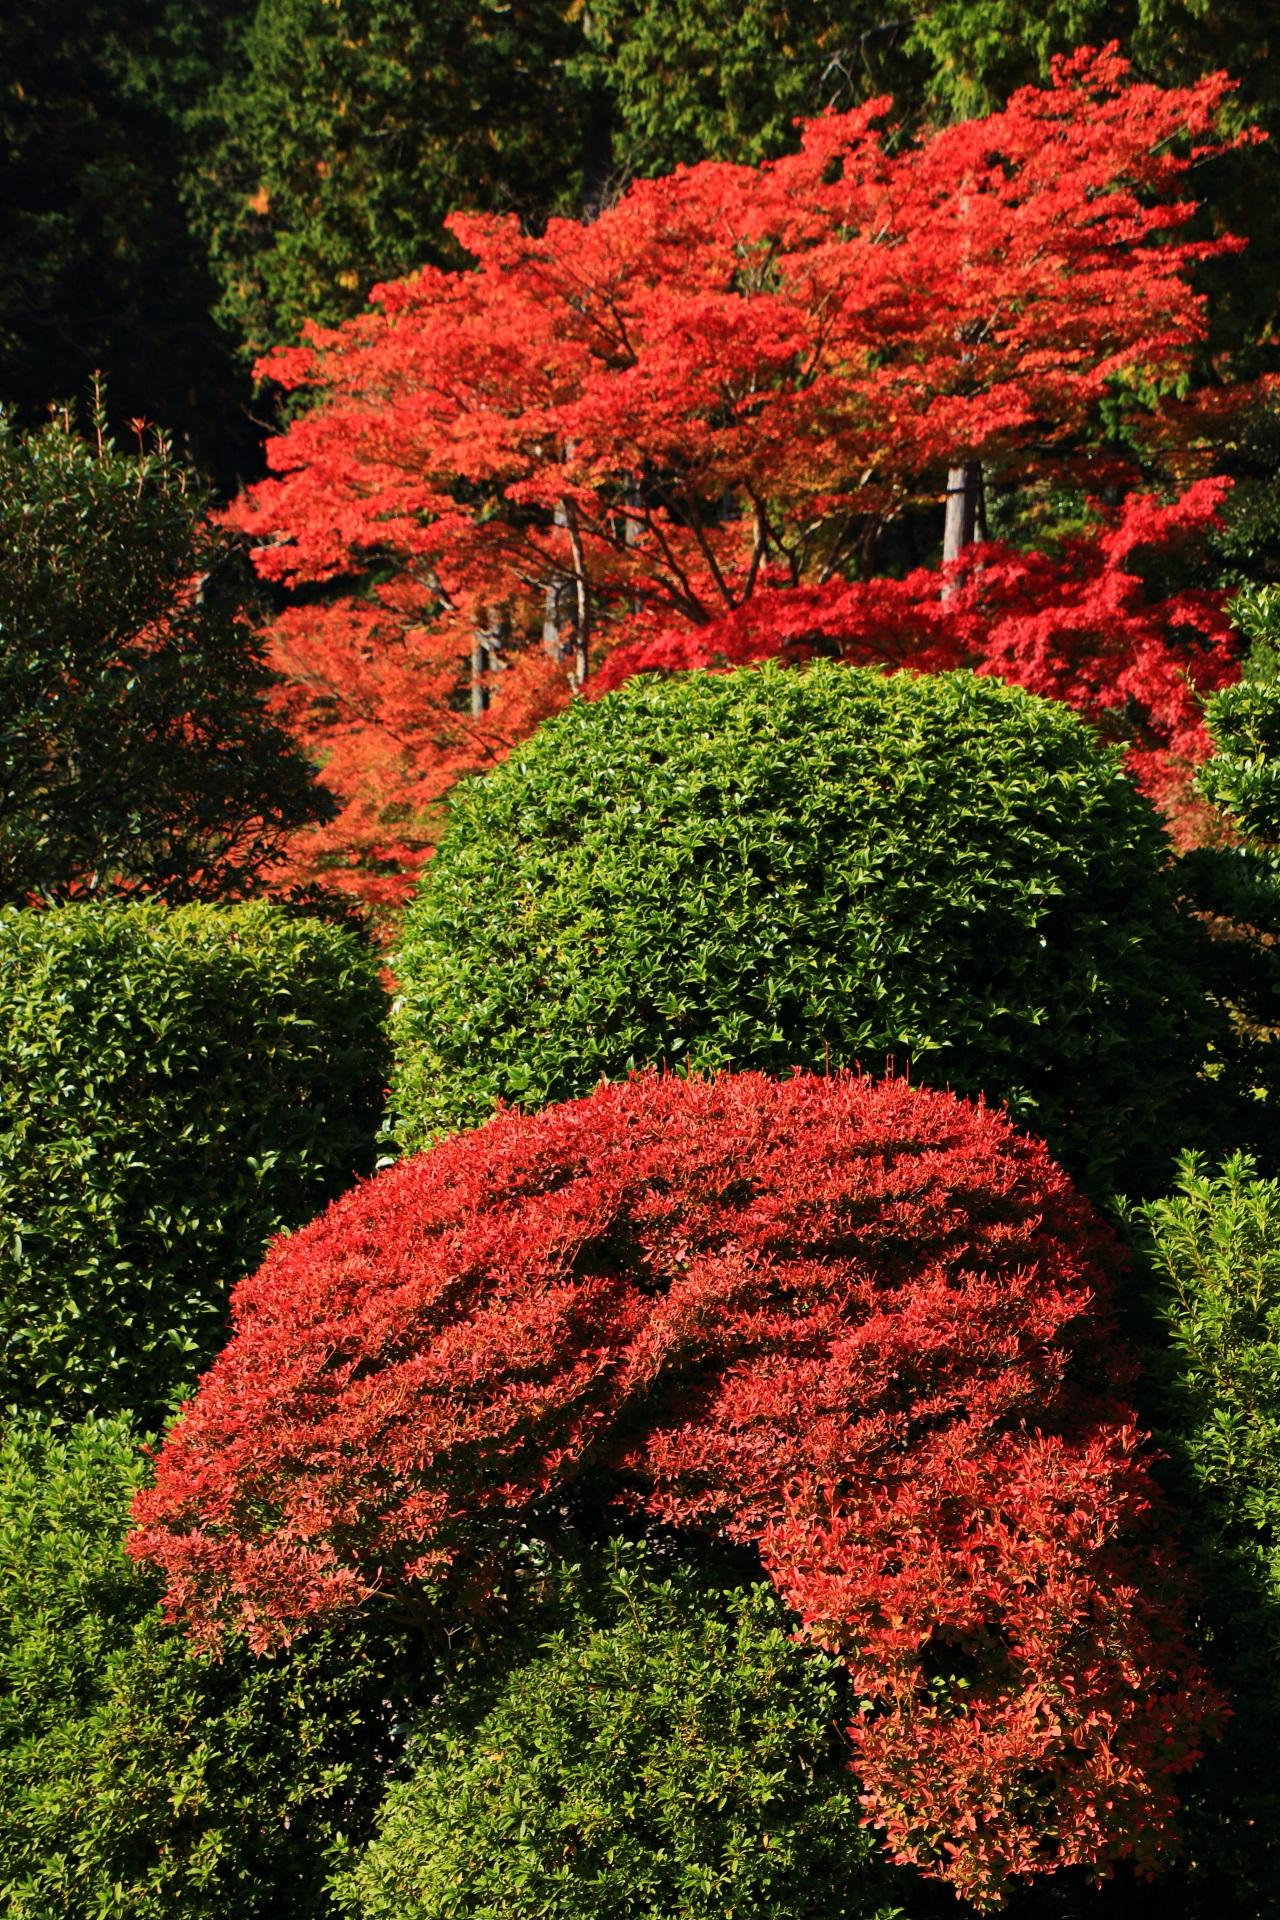 三室戸寺のツツジとカエデの赤と緑の見事なコントラスト